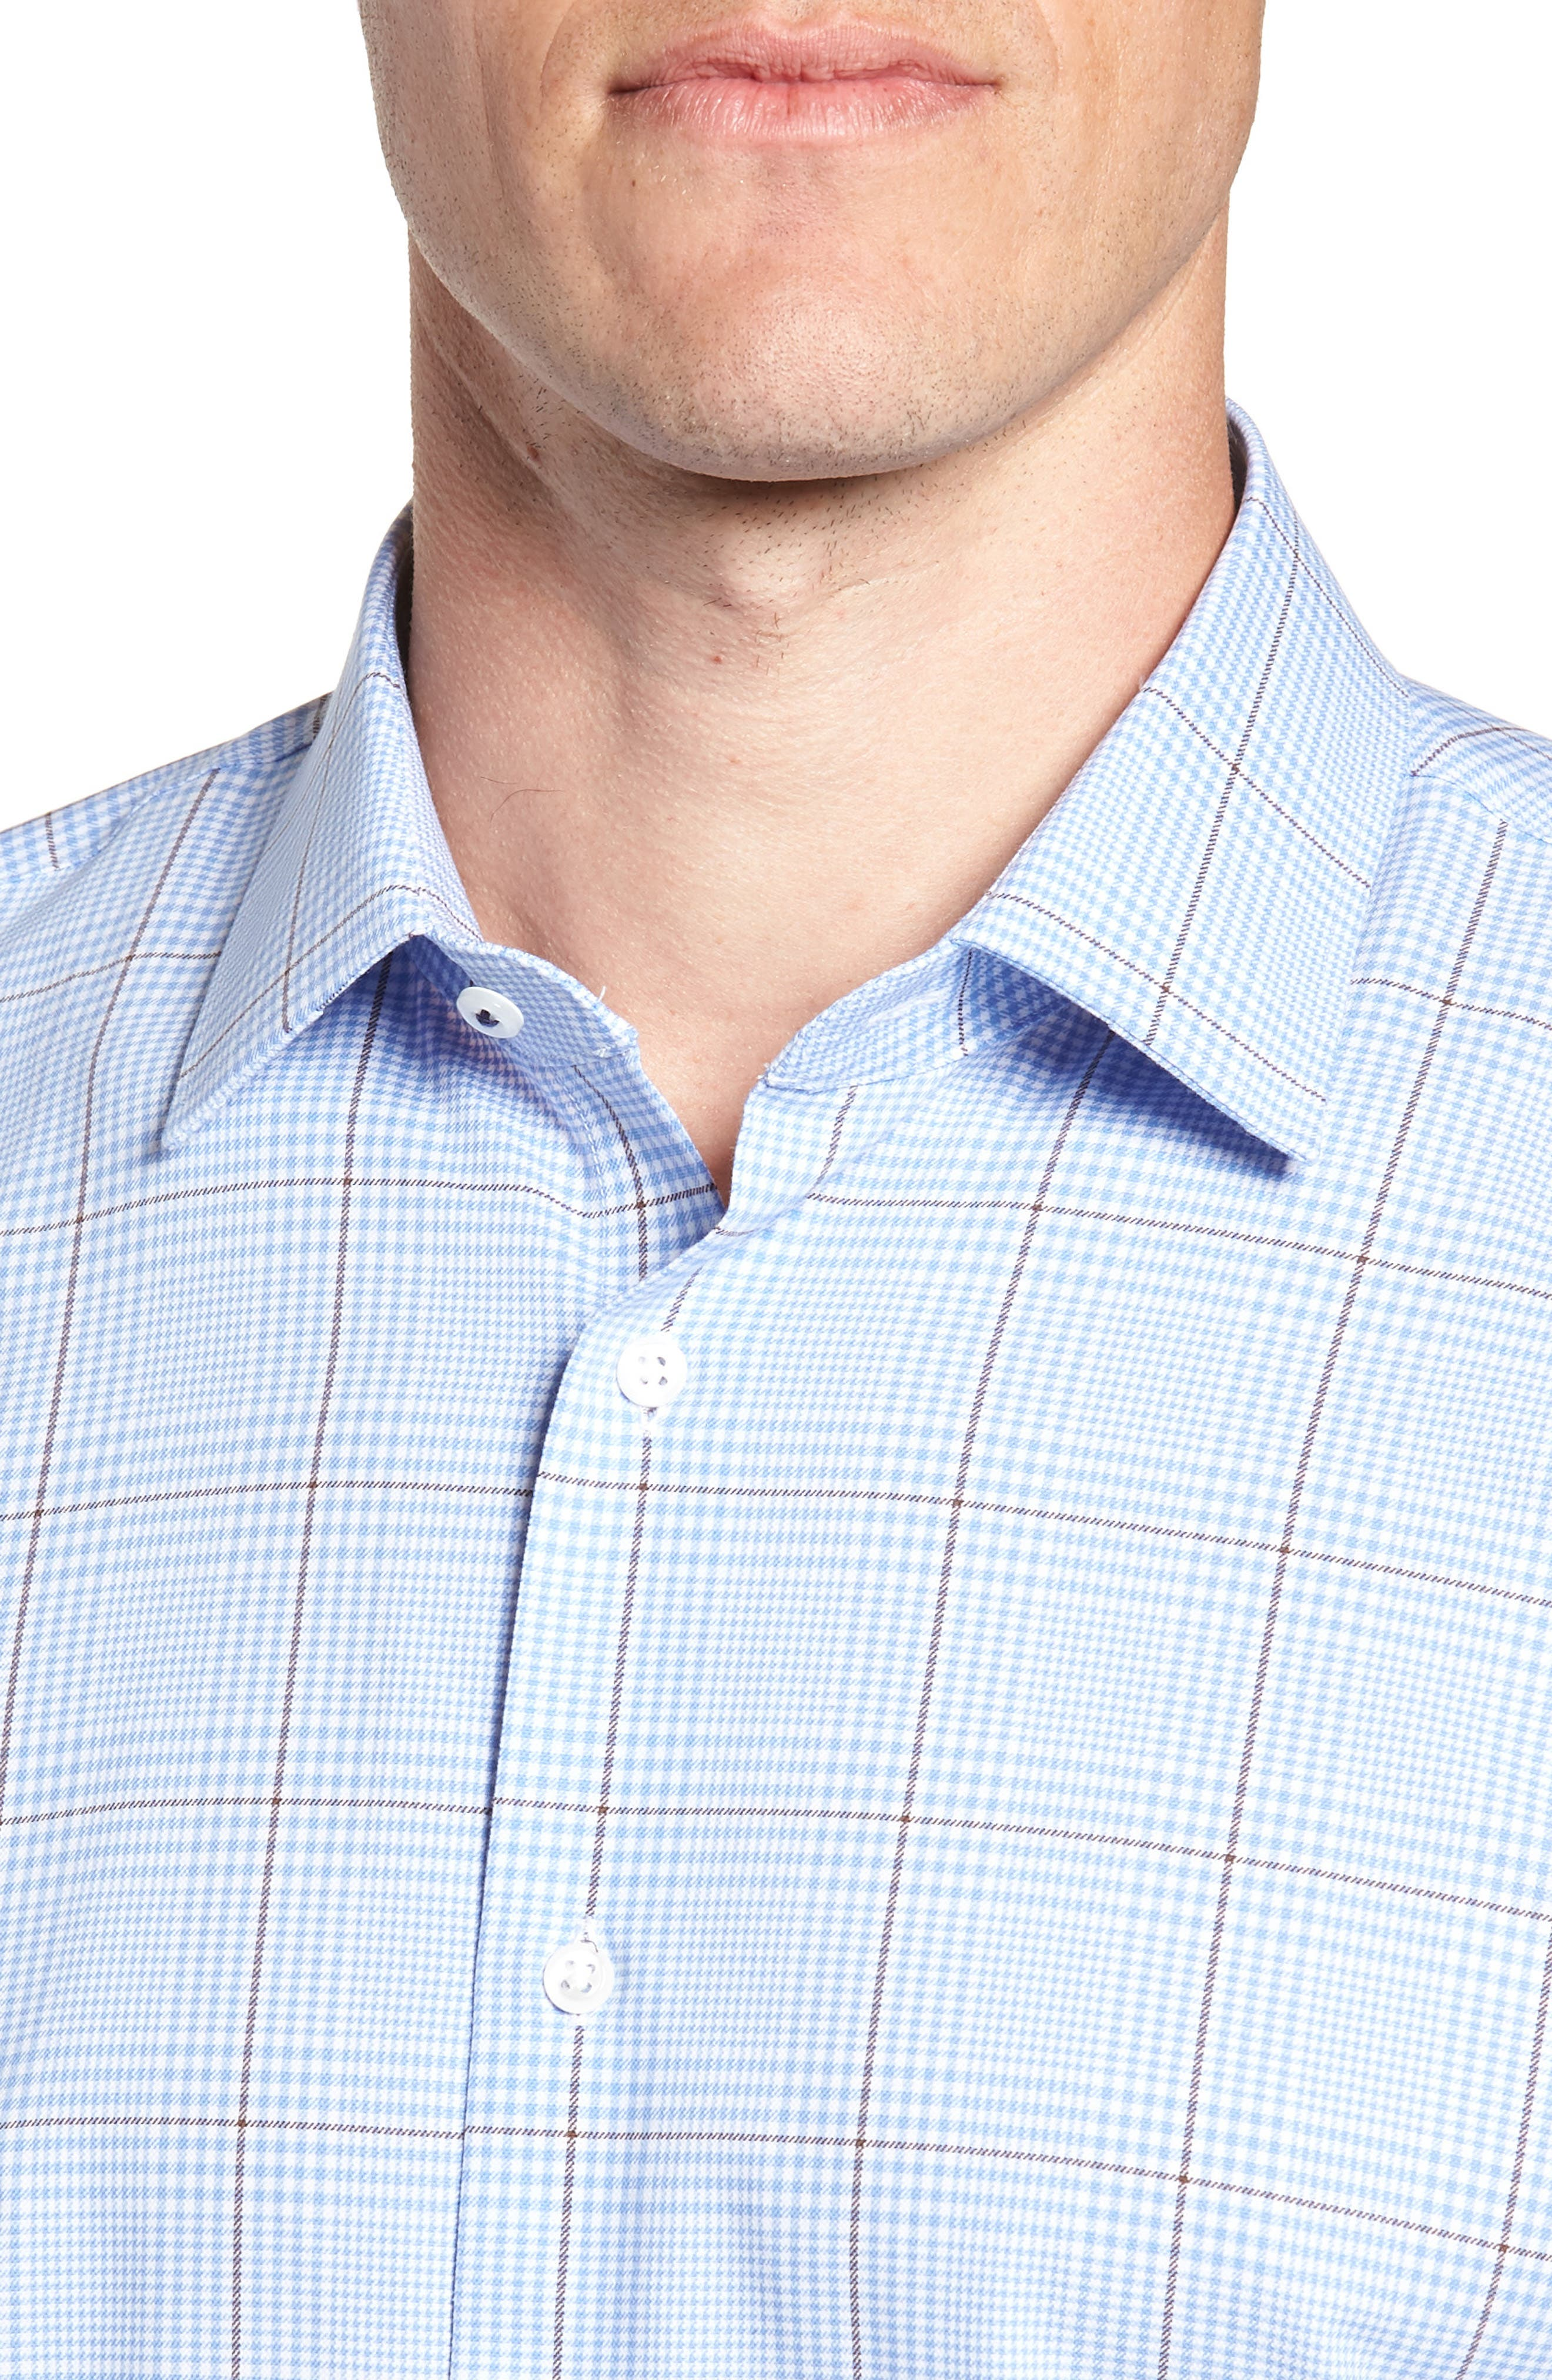 Tech-Smart Trim Fit Stretch Plaid Dress Shirt,                             Alternate thumbnail 2, color,                             BLUE HAZE